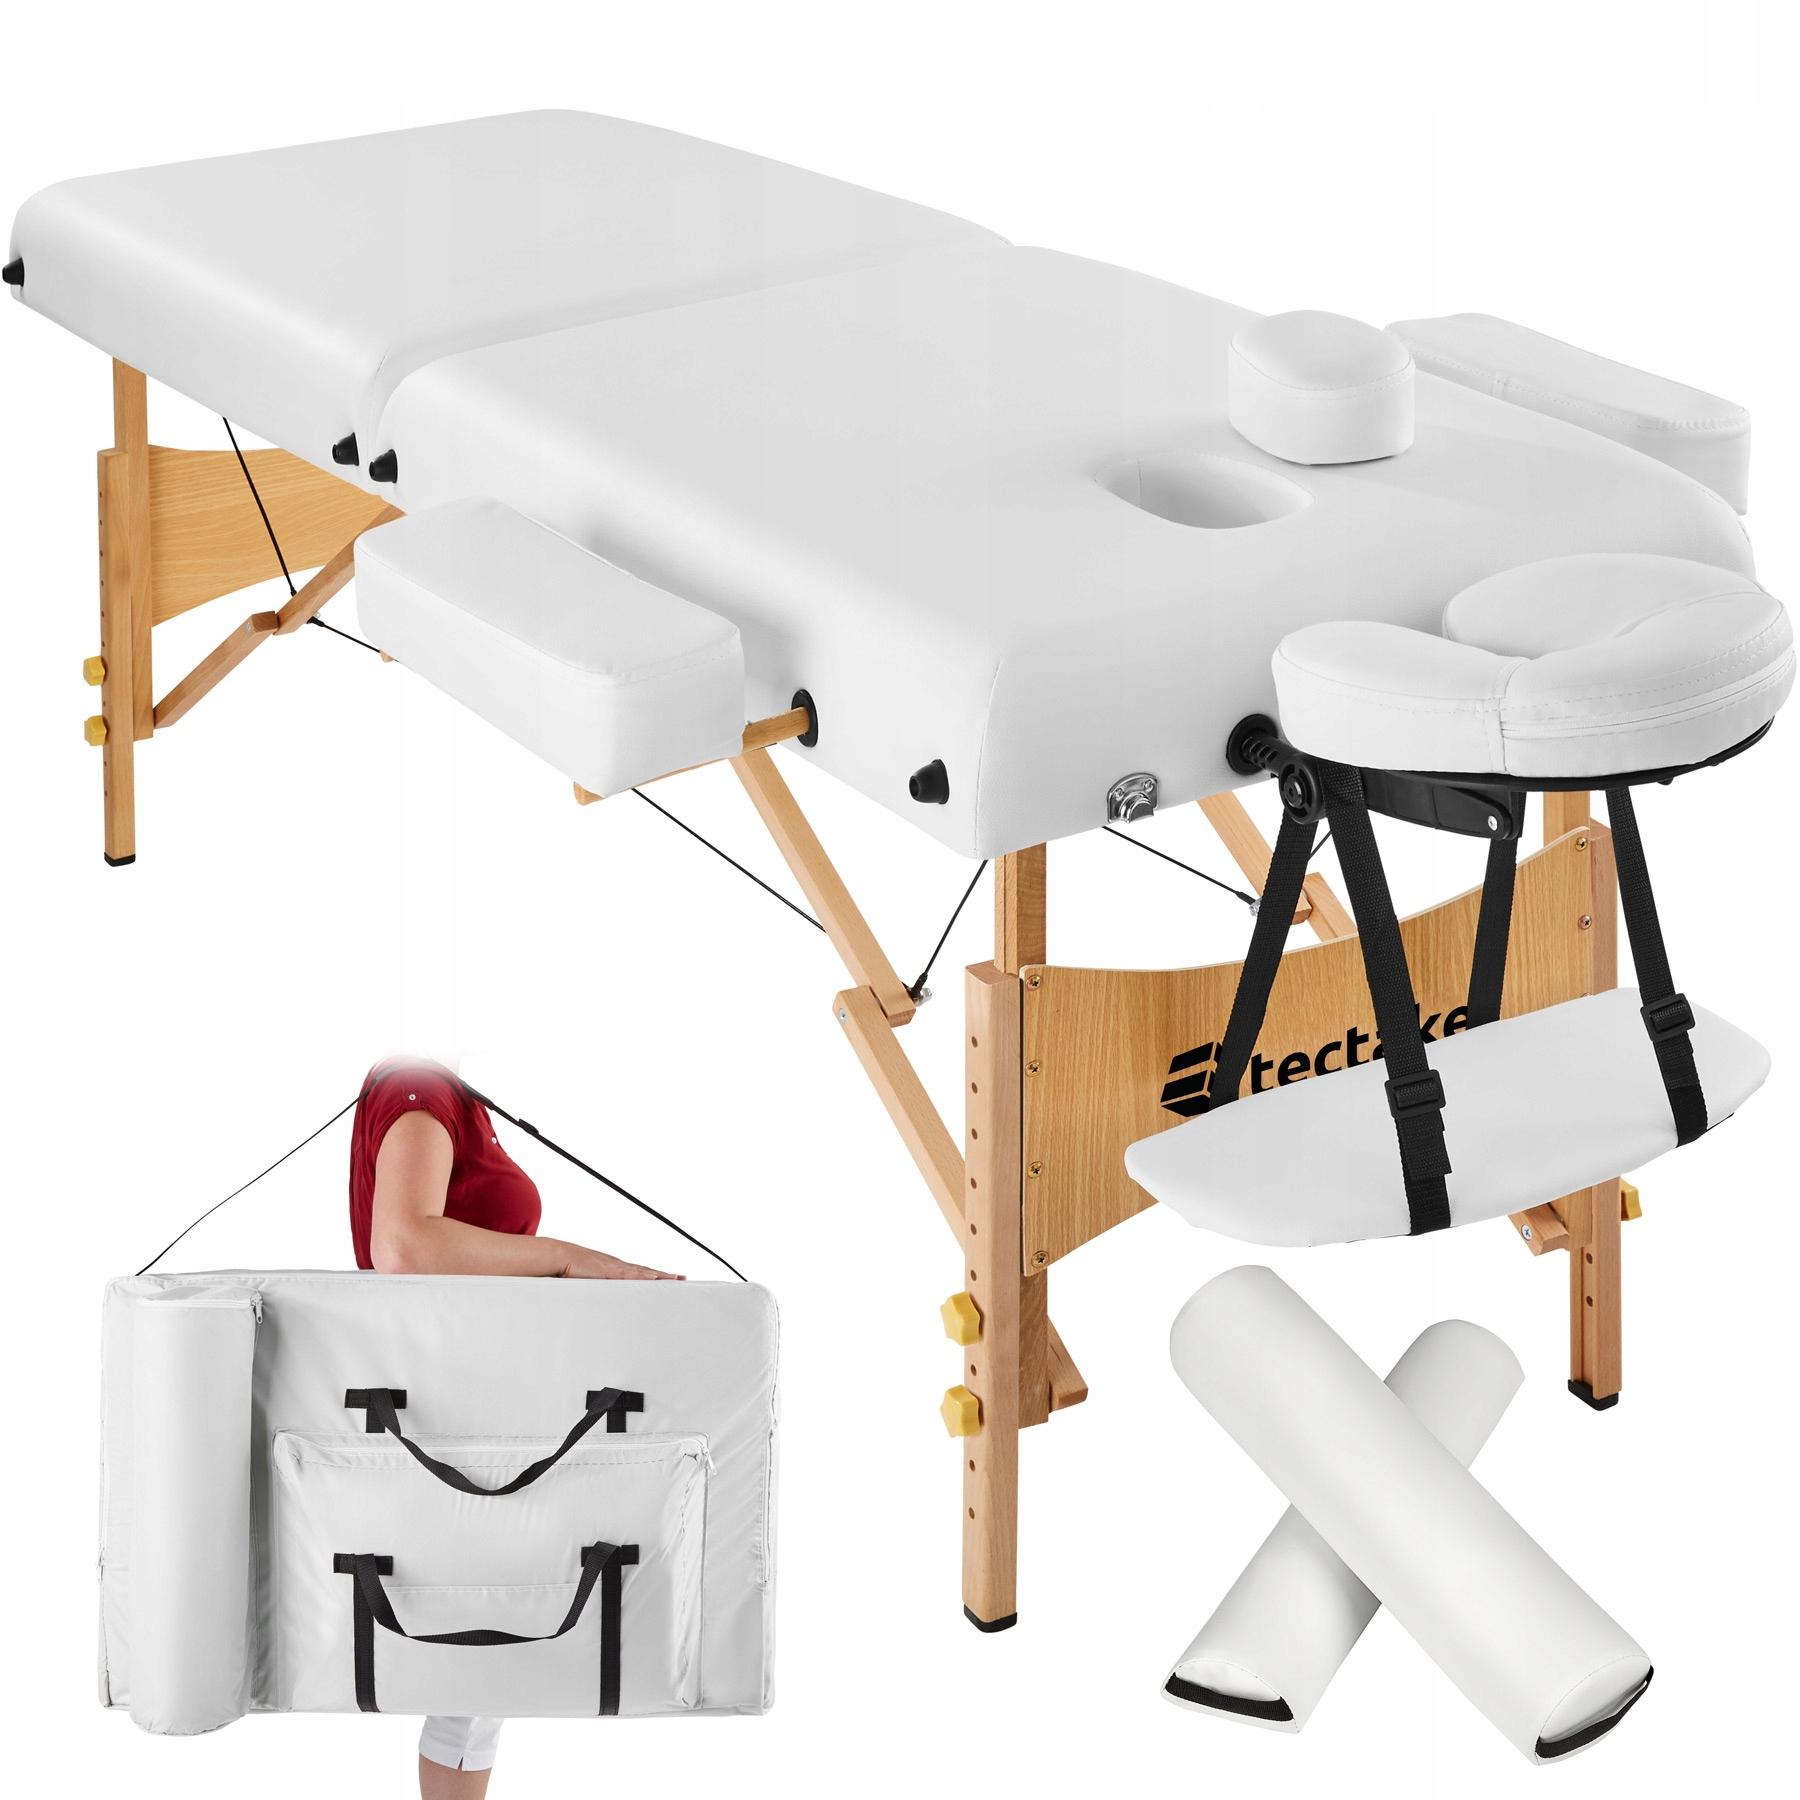 Łóżko stół do masażu  2 segmenty  biały 400419